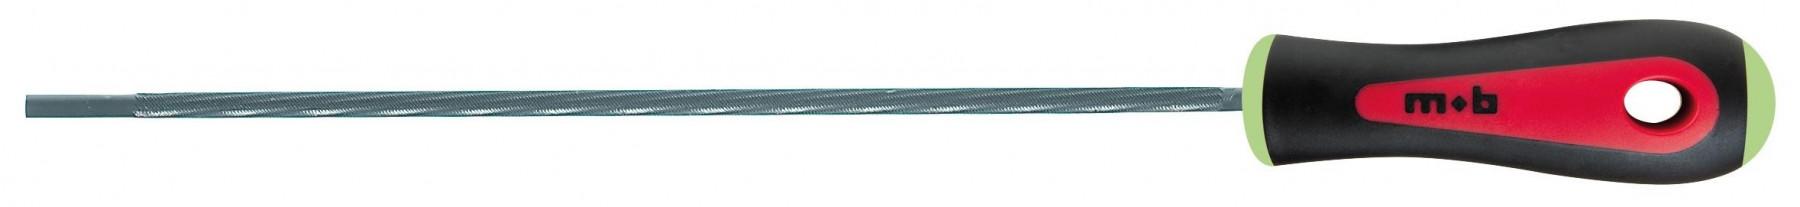 Lime ronde de tronçonneuse MOB MONDELIN 200 x 4.75 mm - 0970486201